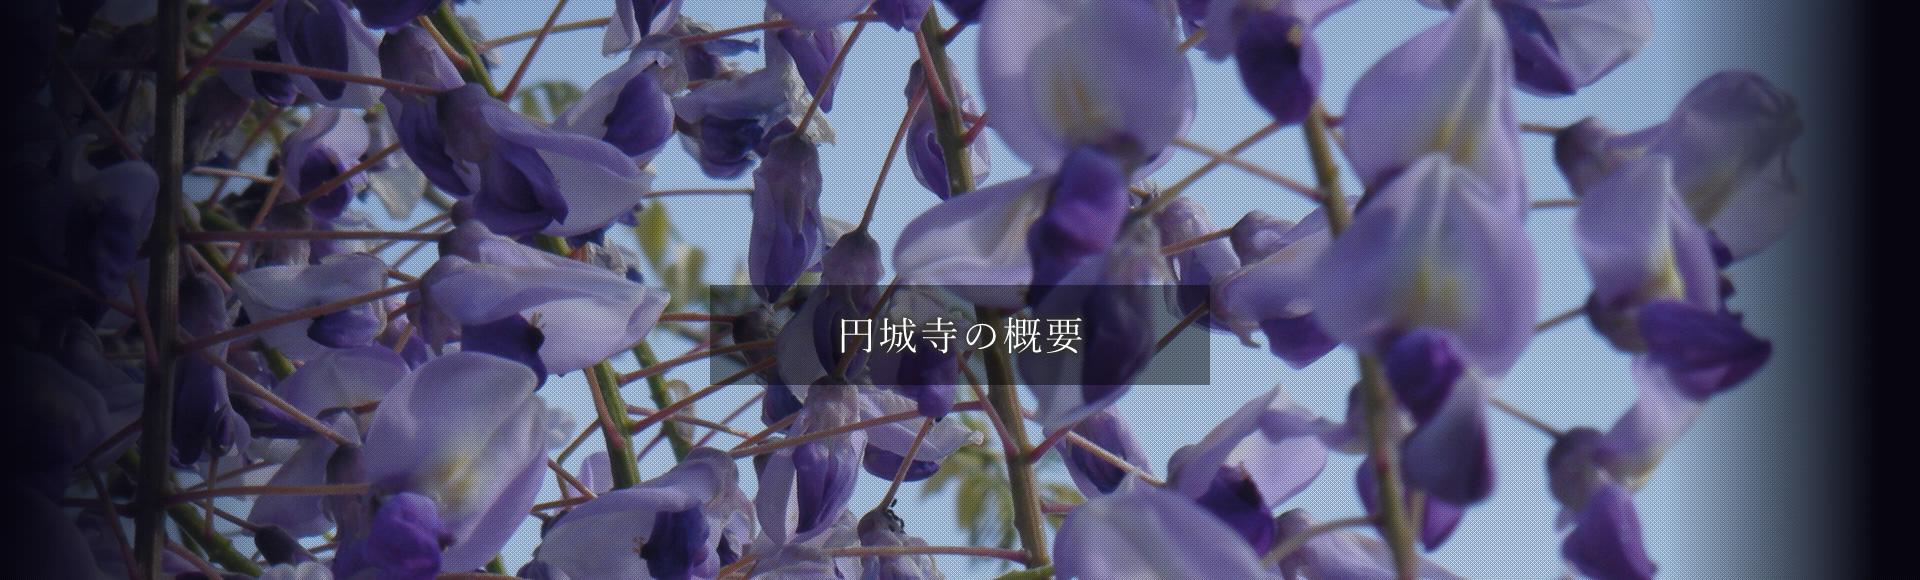 円城寺の概要